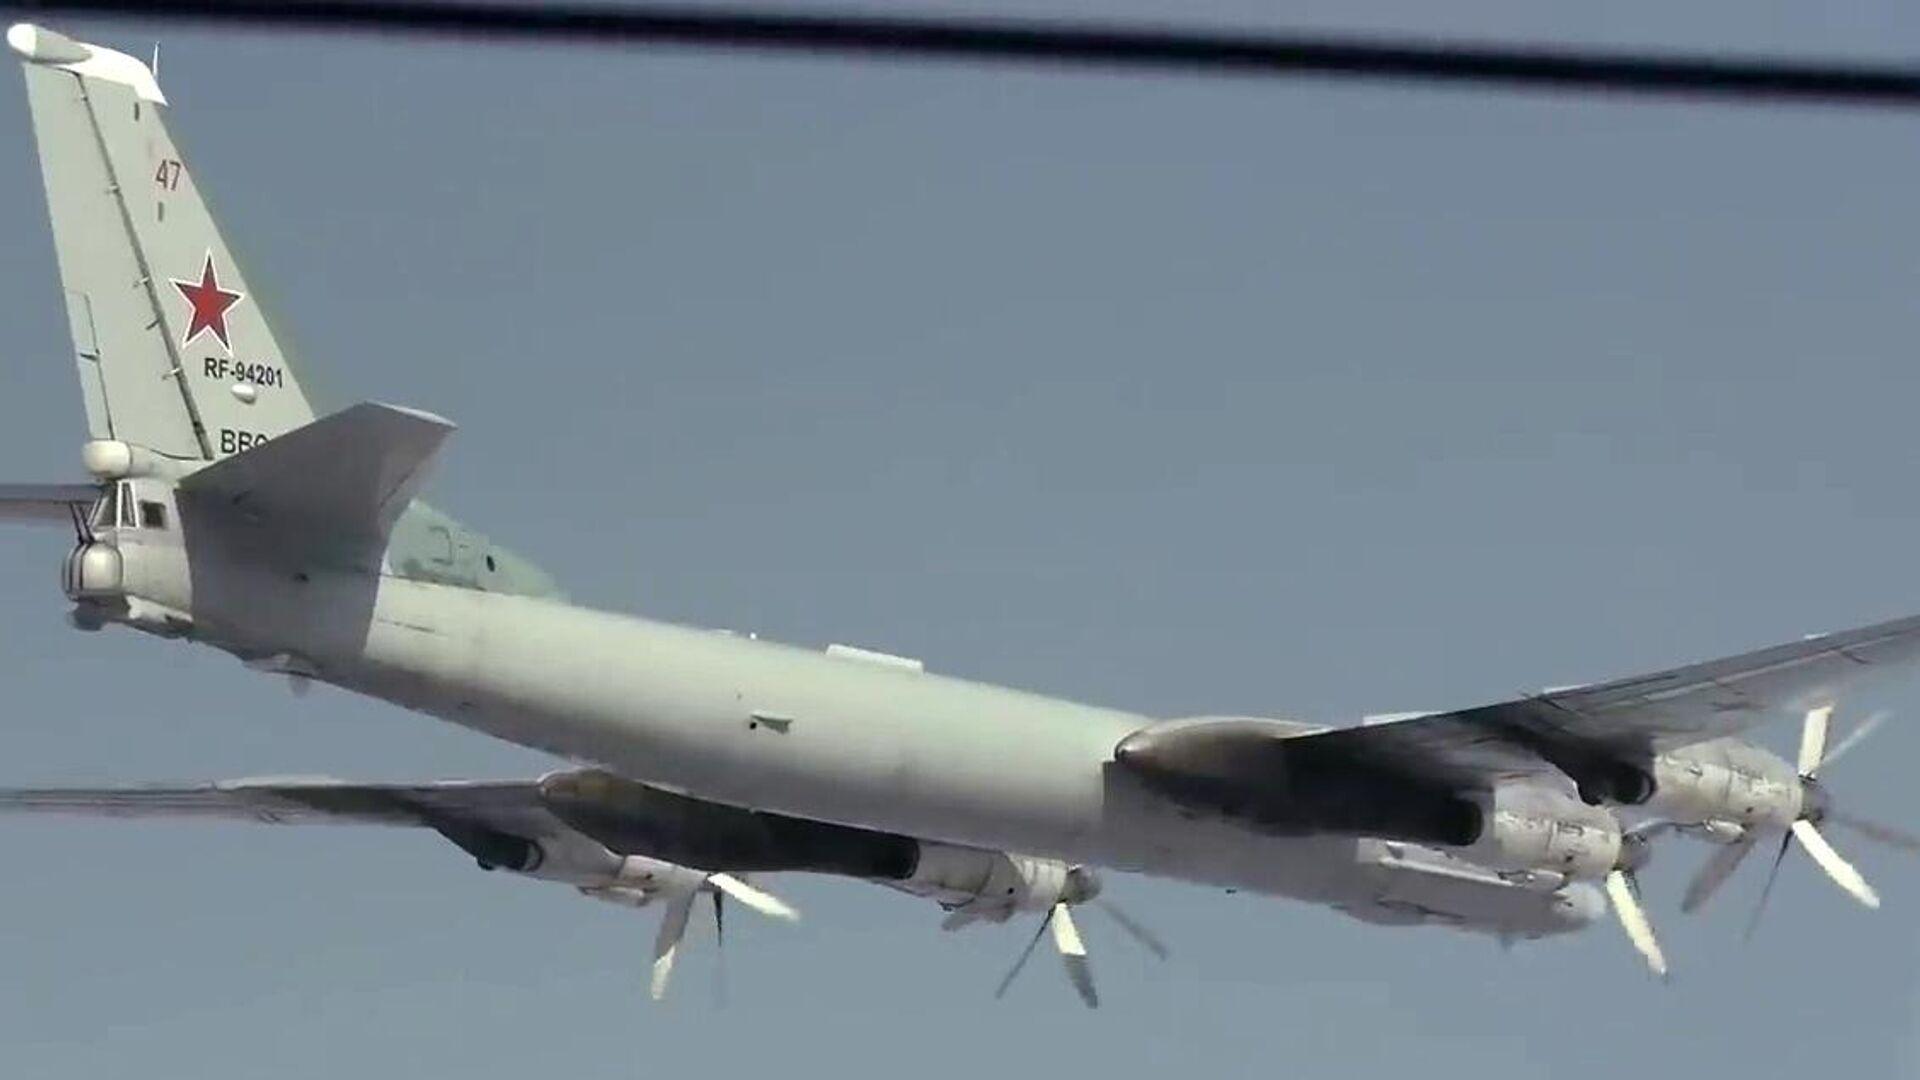 Стратегический бомбардировщик-ракетоносец Ту-95МС во время полета в Амурской области - РИА Новости, 1920, 05.05.2021